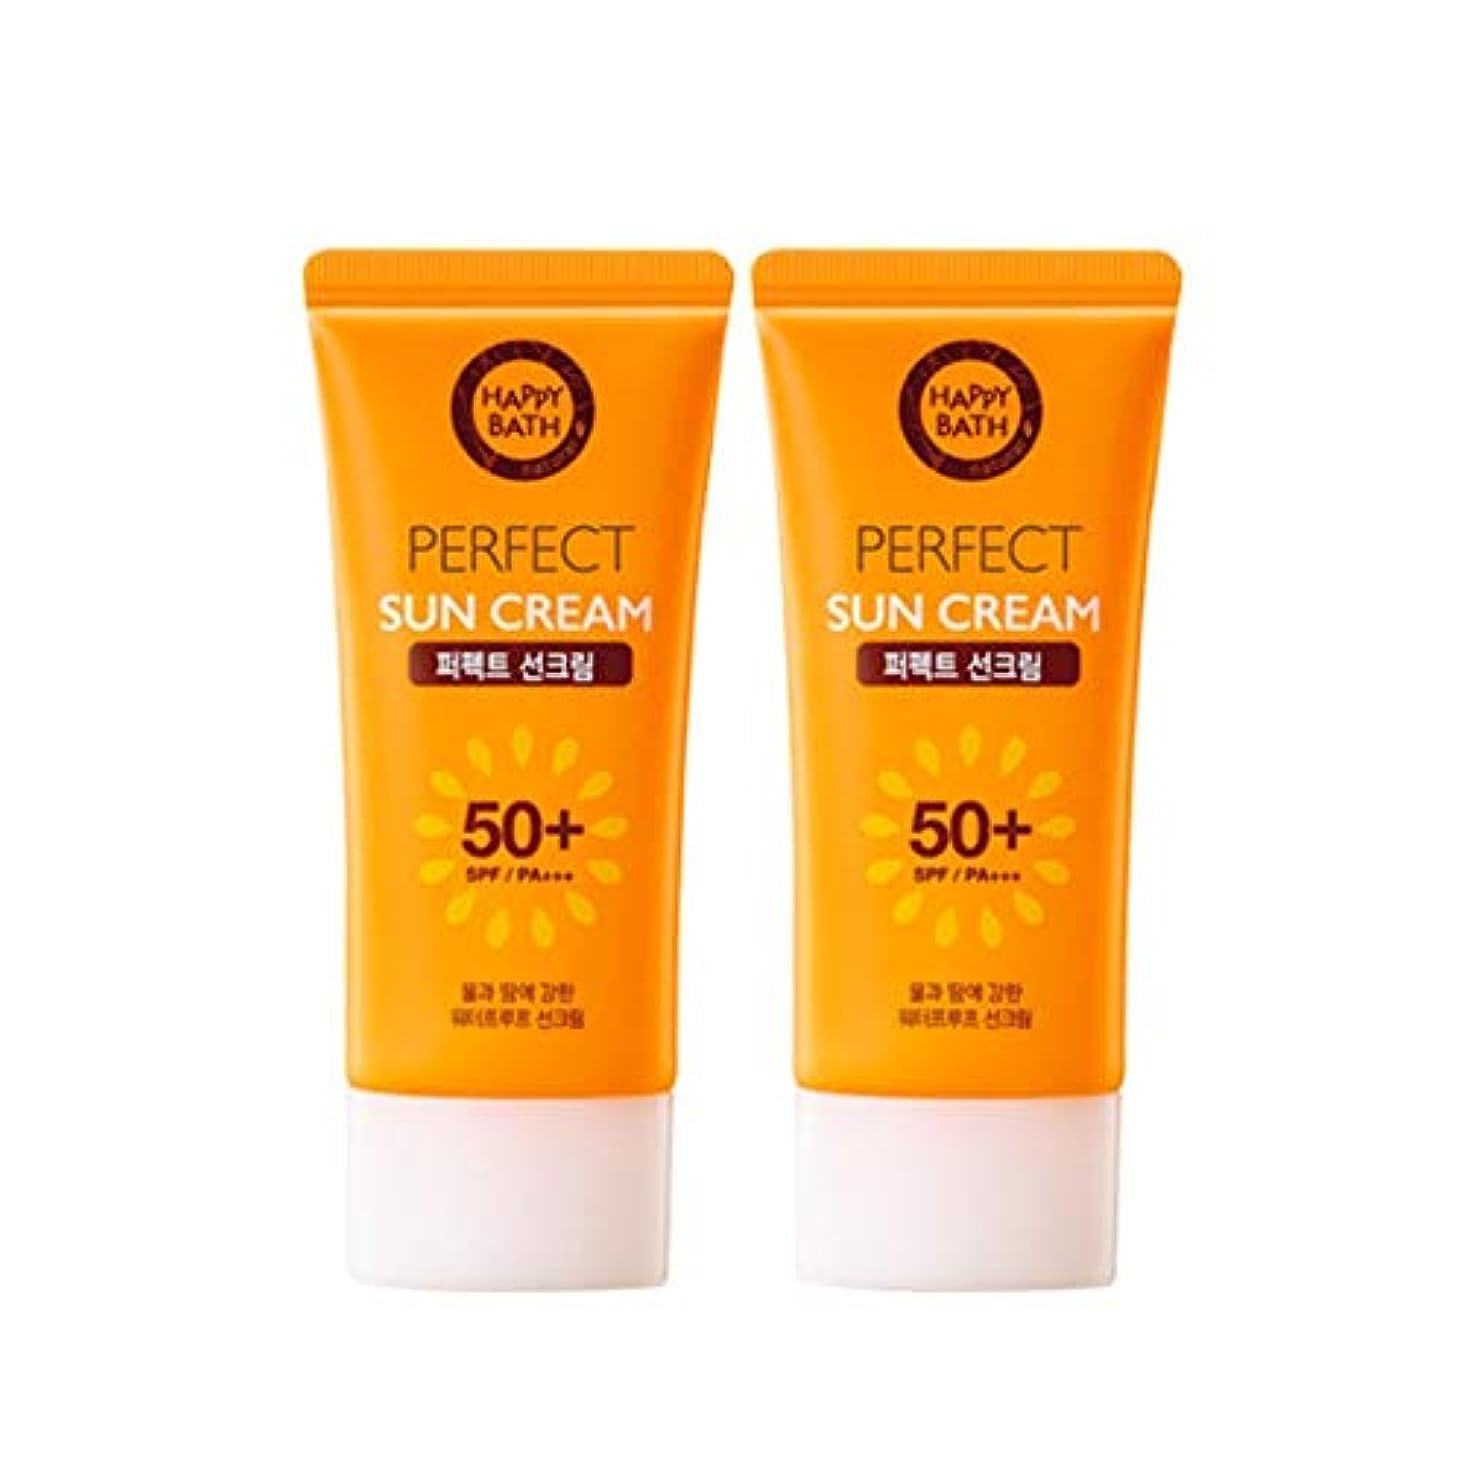 毒多用途日食ハッピーバスパーフェクトサンクリーム 80gx2本セット韓国コスメ、Happy Bath Perfect Sun Cream 80g x 2ea Set Korean Cosmetics [並行輸入品]